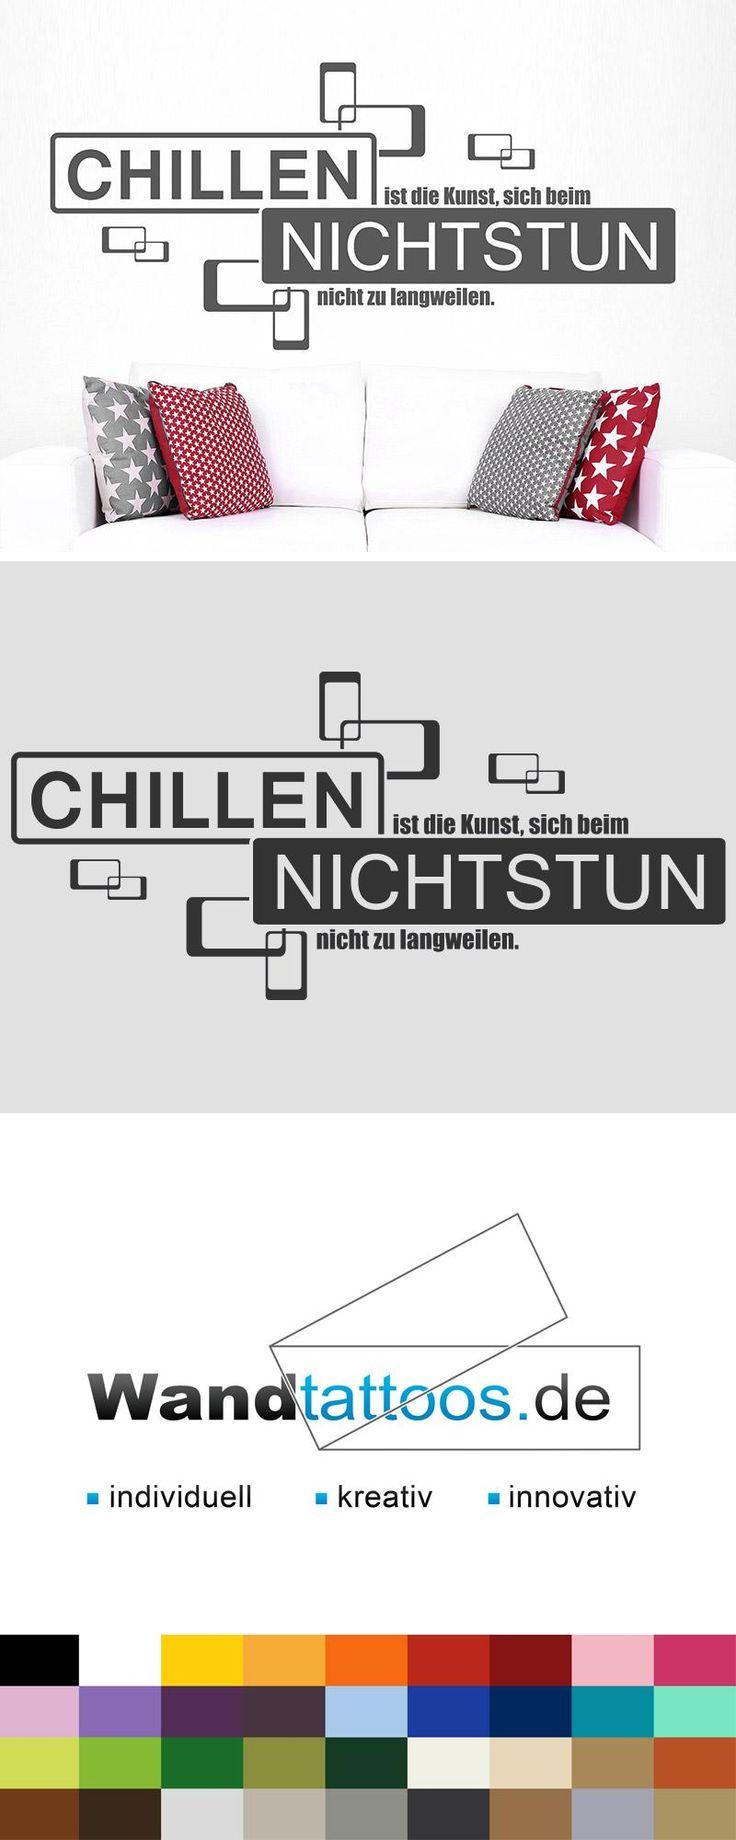 Wandtattoo Chillen und Nichtstun Spruch – Wandtattoos.de